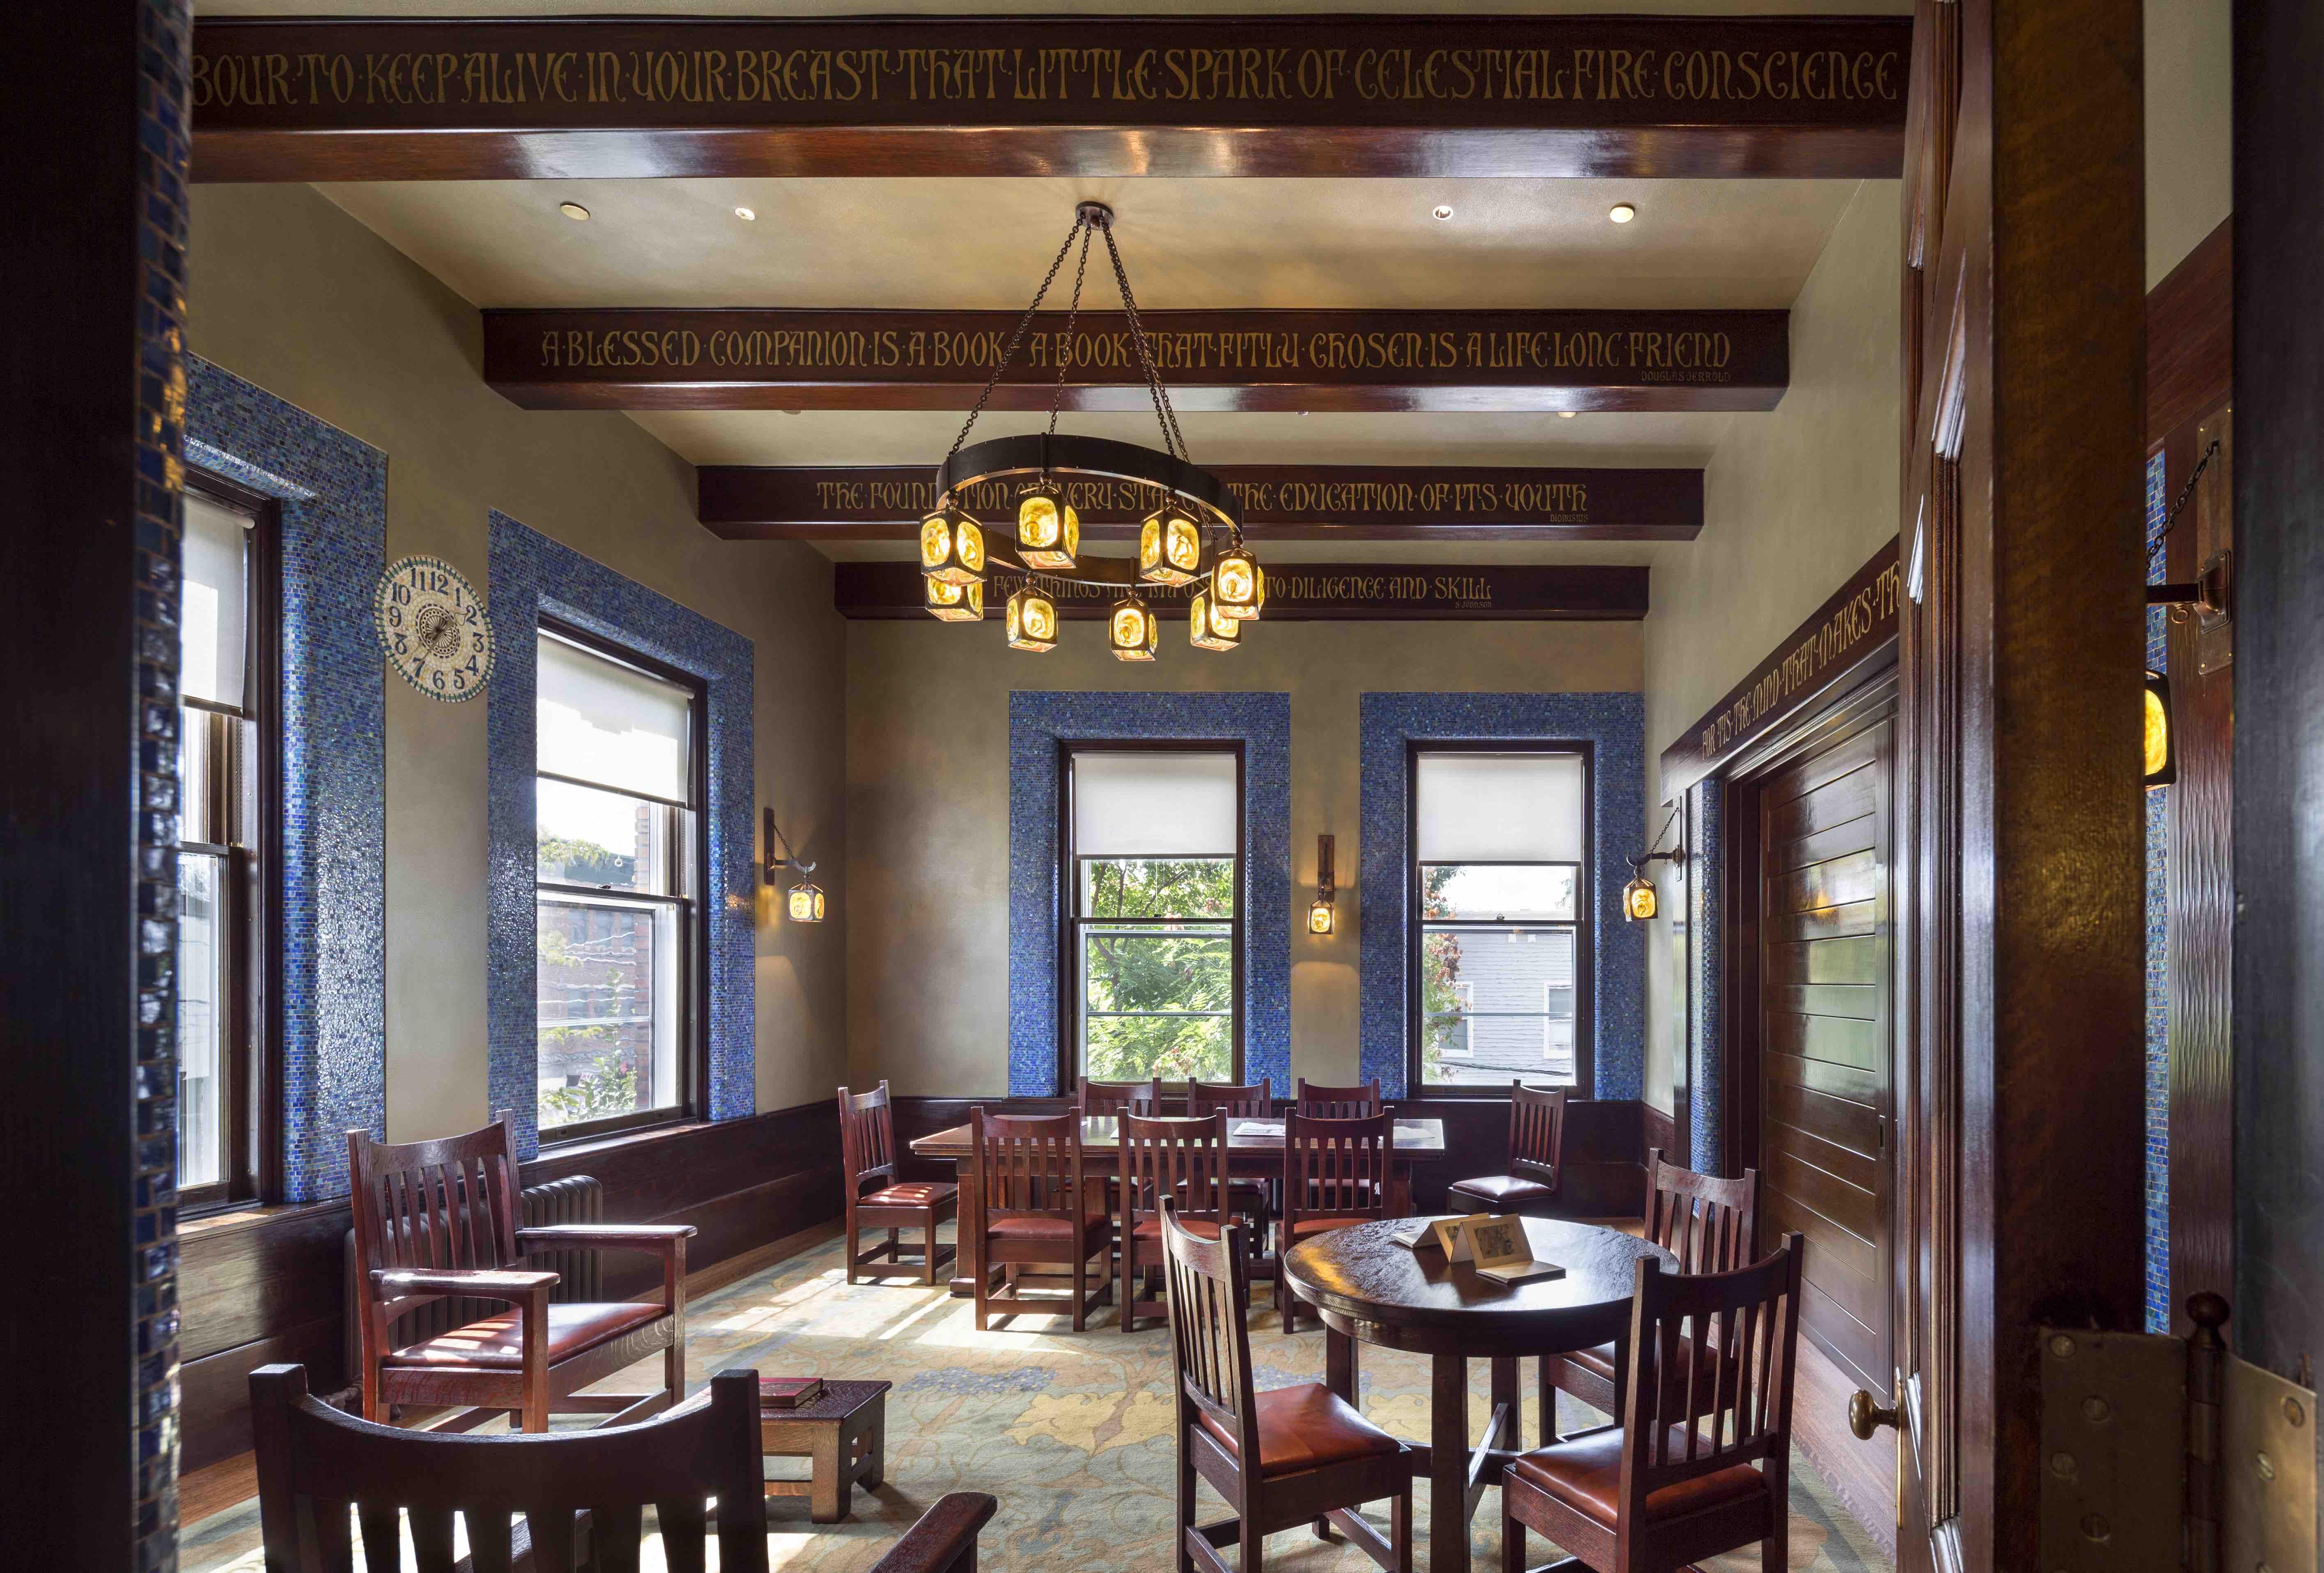 Tiffany Reading Room